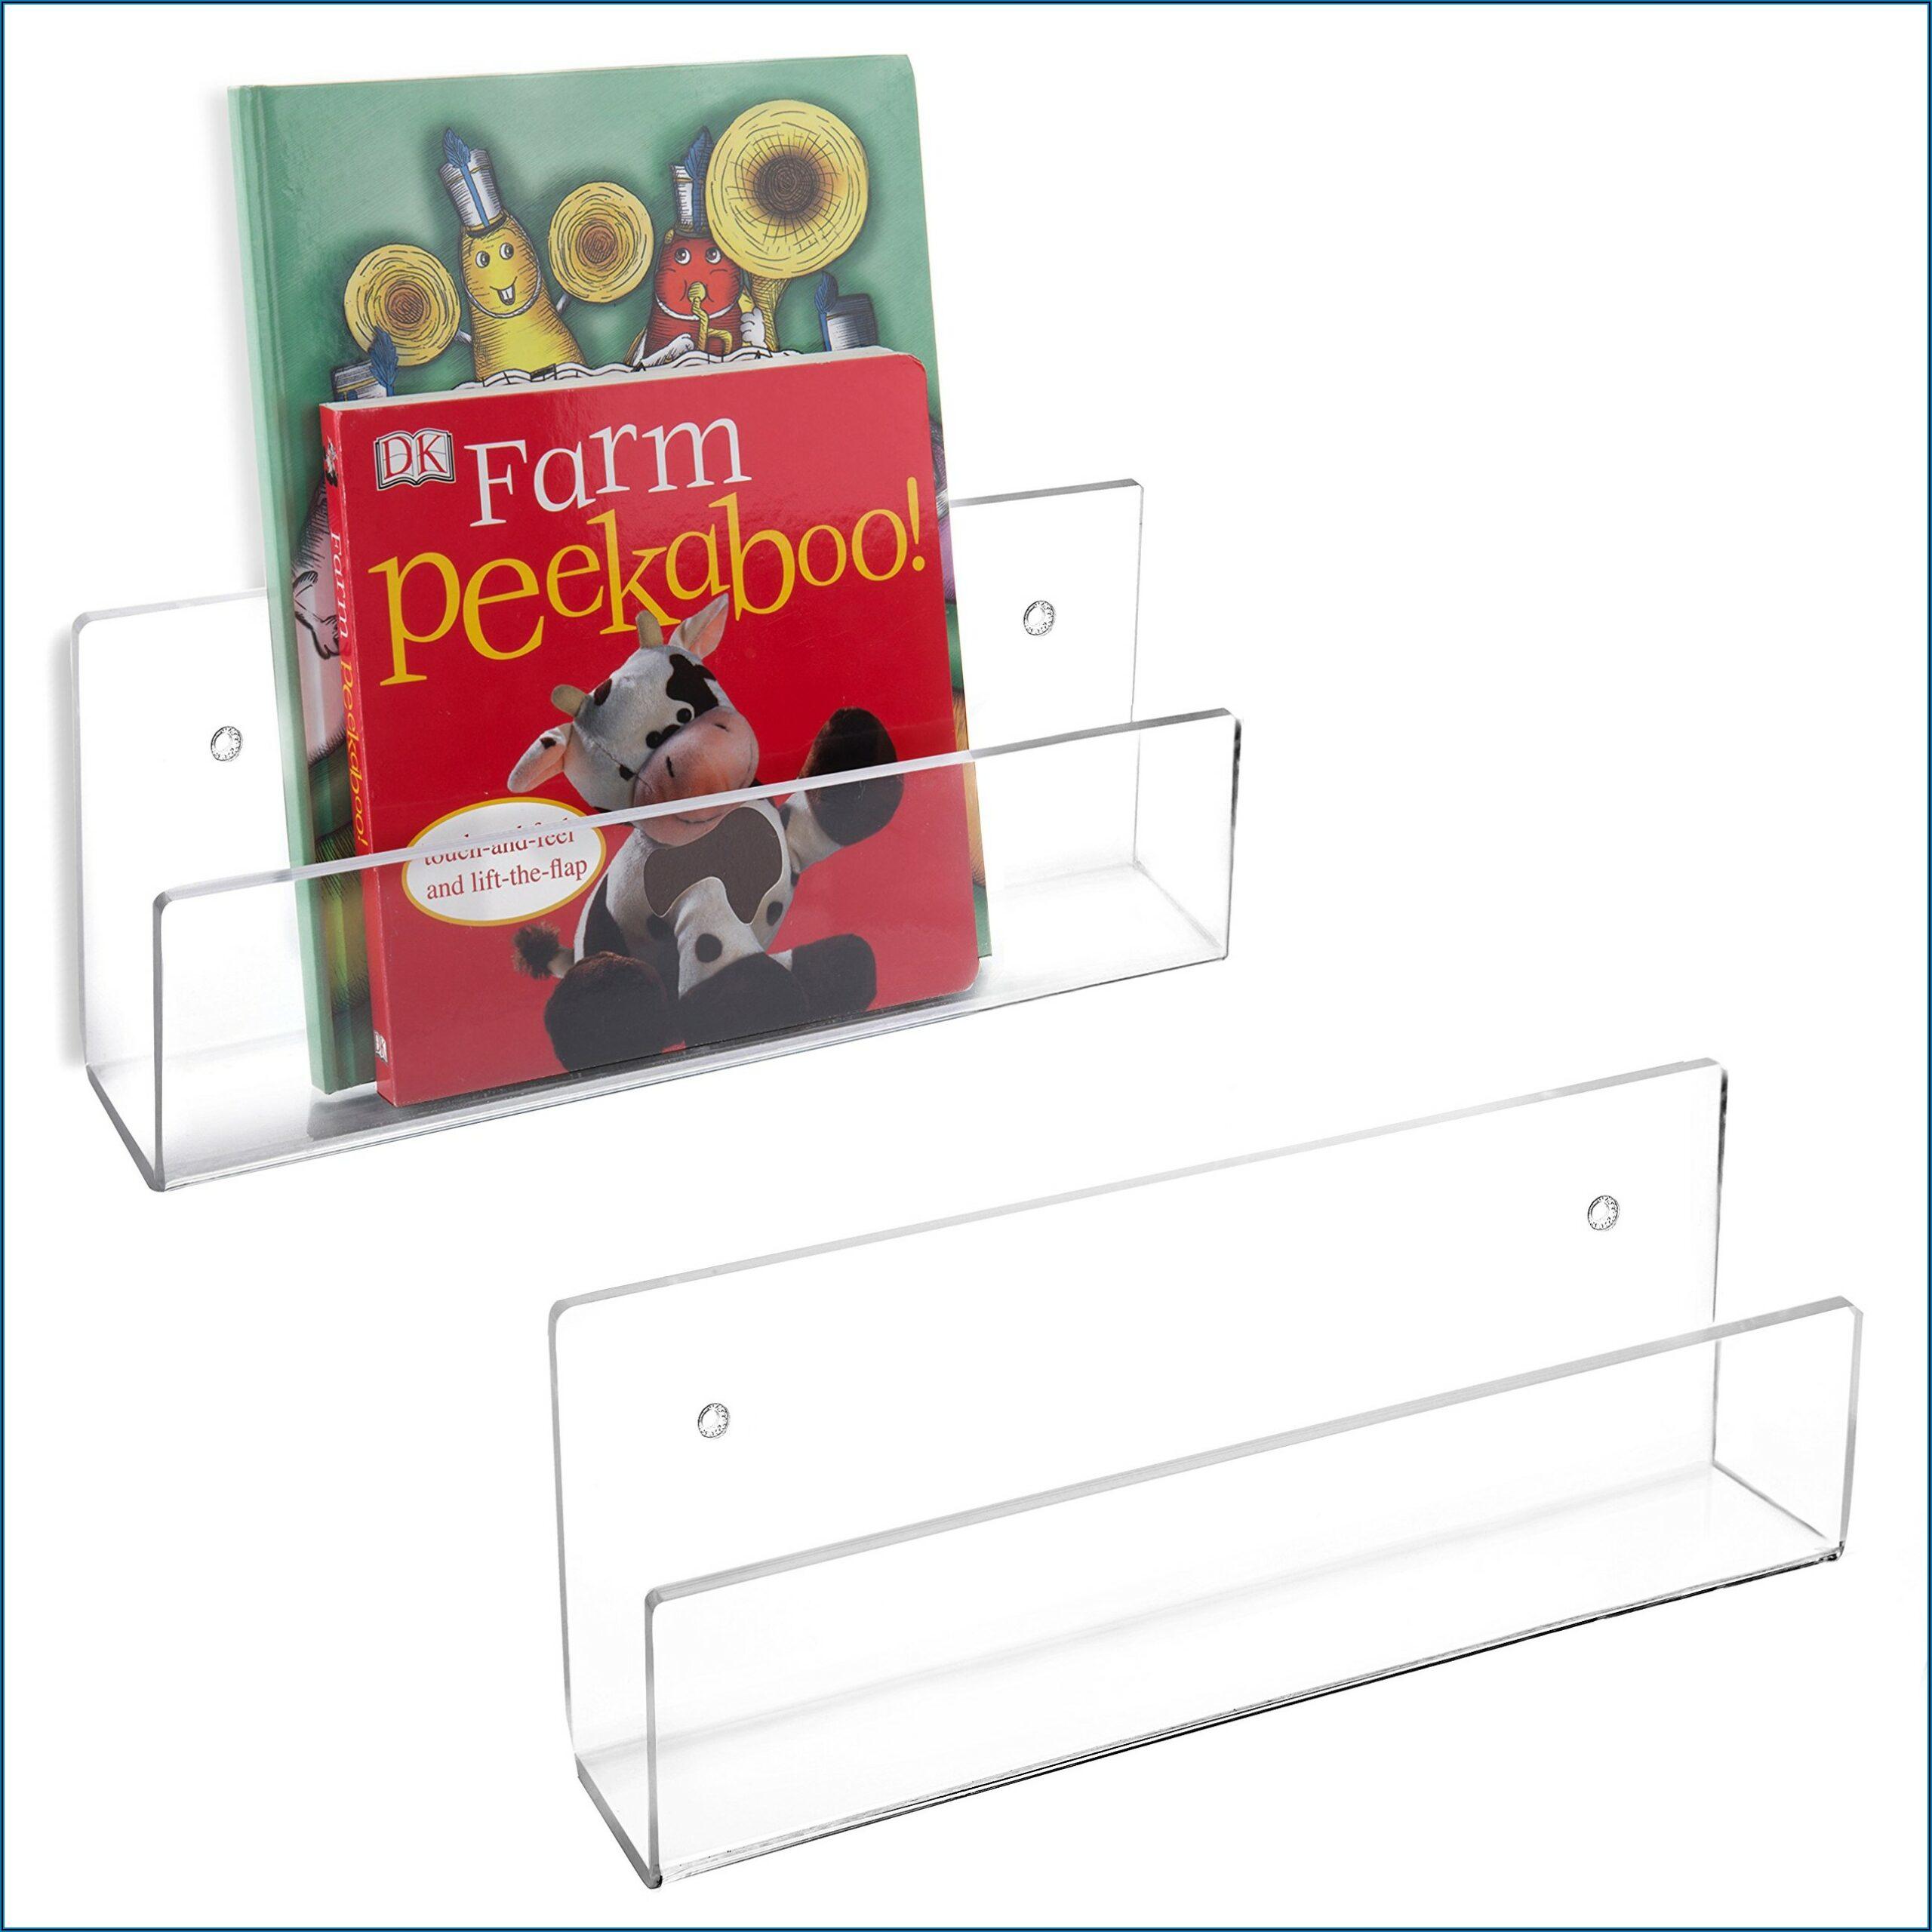 Acrylic Wall Mounted Brochure Display